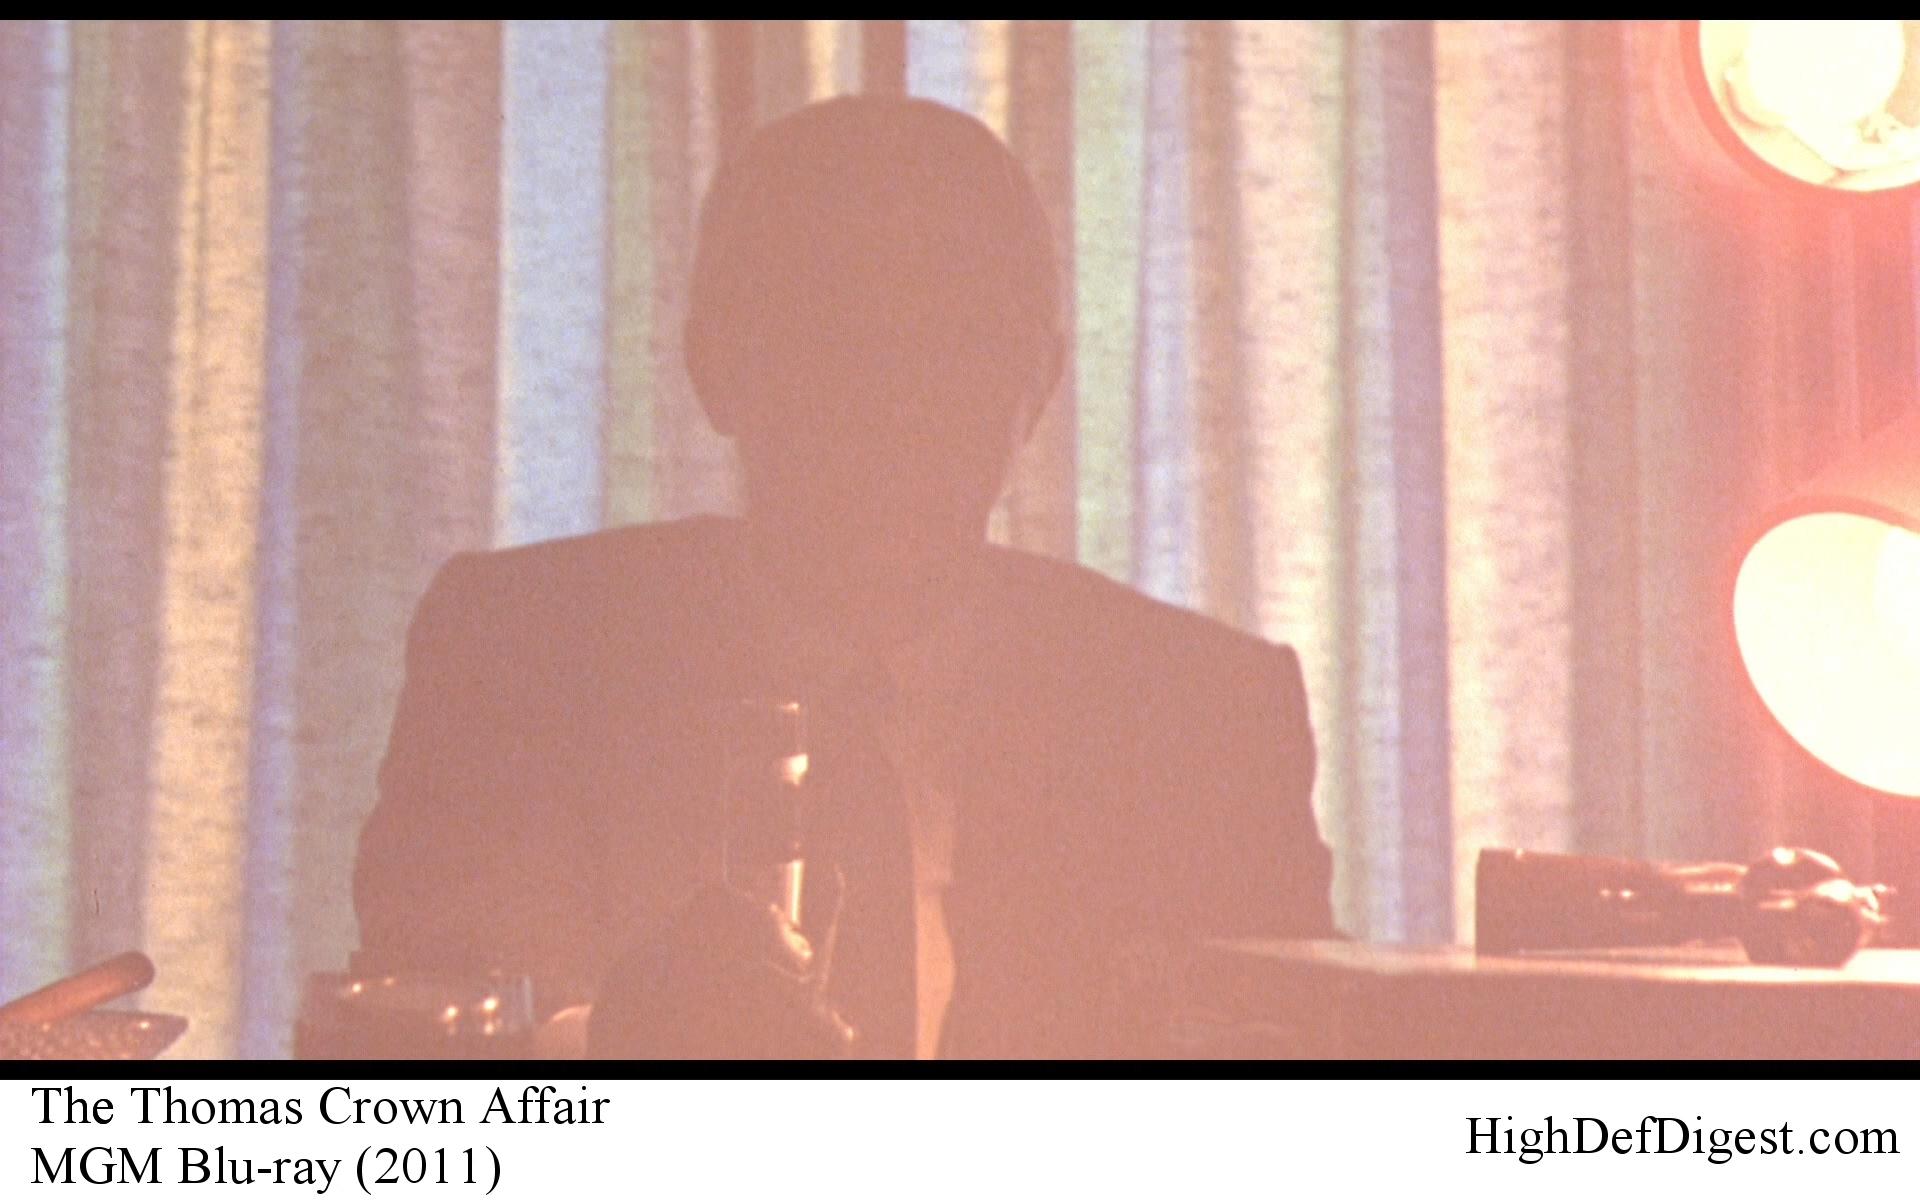 The Thomas Crown Affair - Steve McQueen in Silhouette Comparison MGM